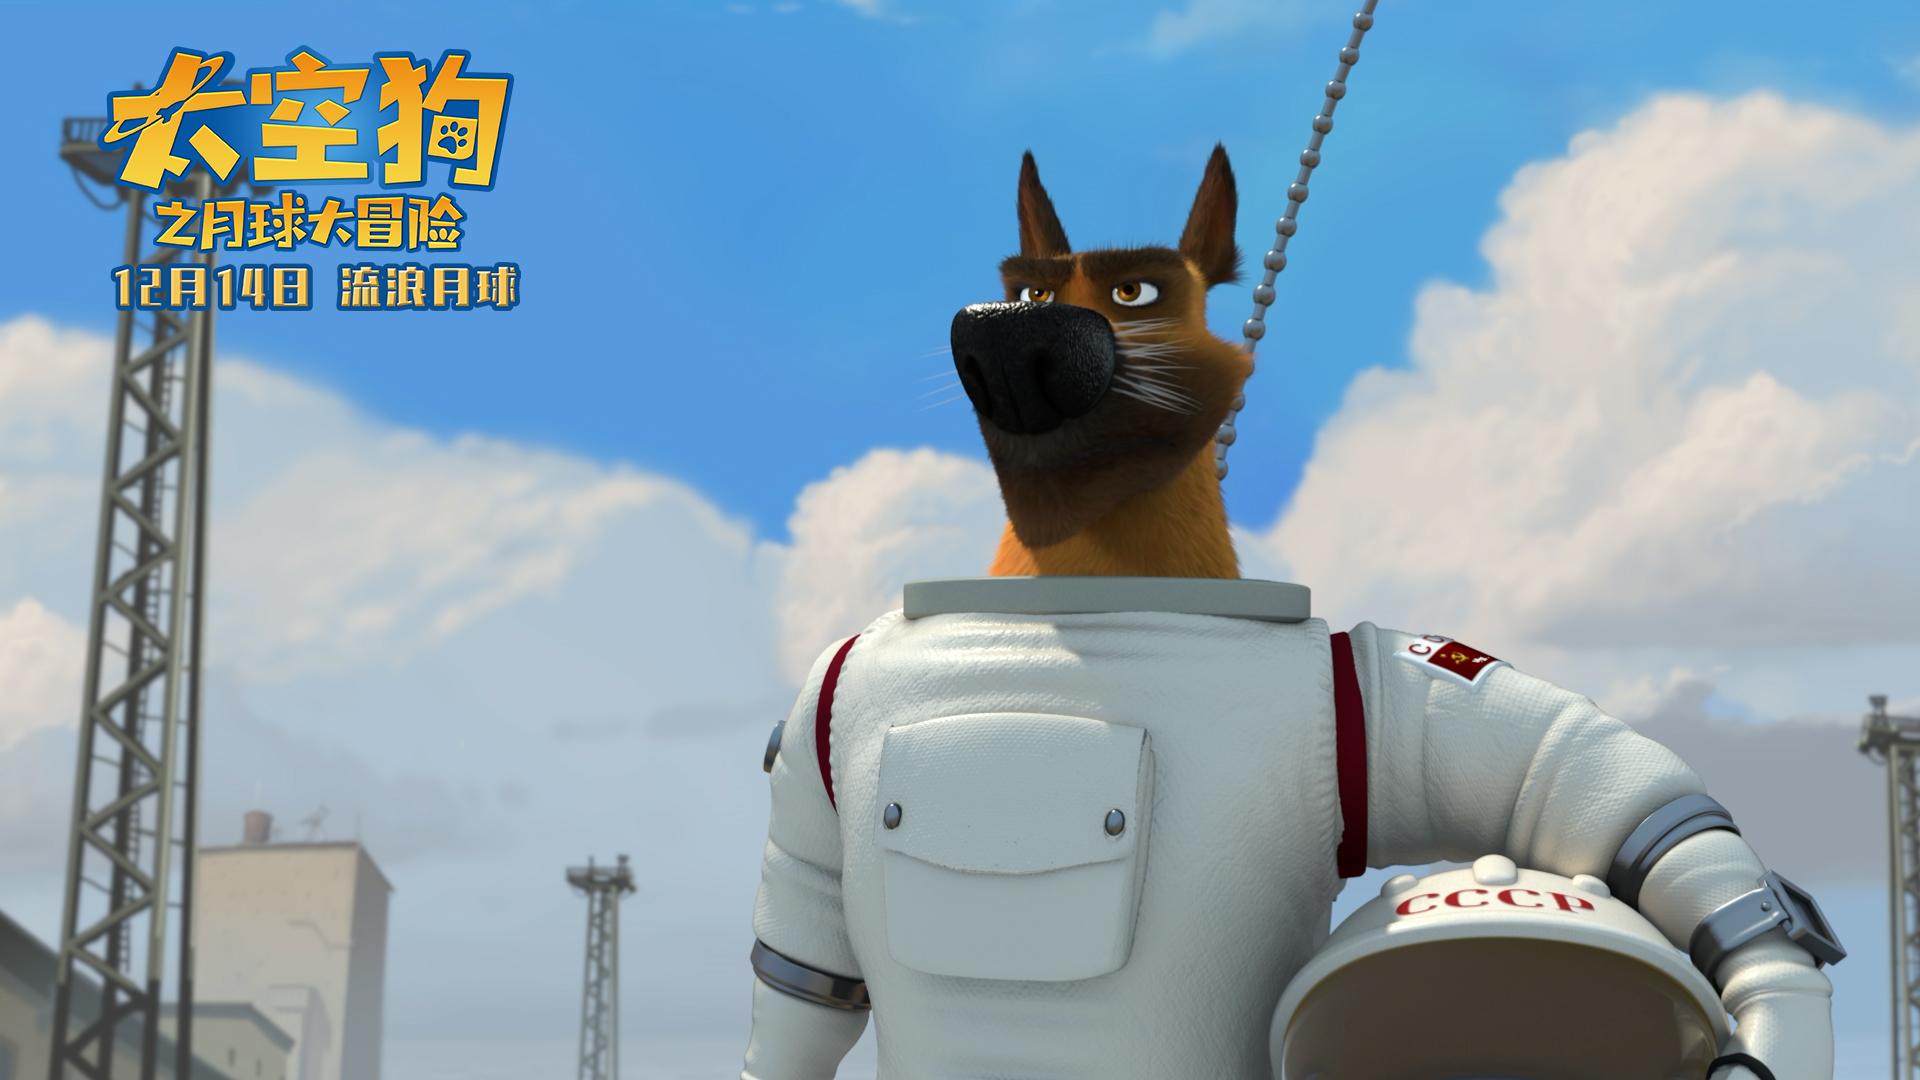 《太空狗之月球大冒险》发布先导预告 12月14日接收外星信号